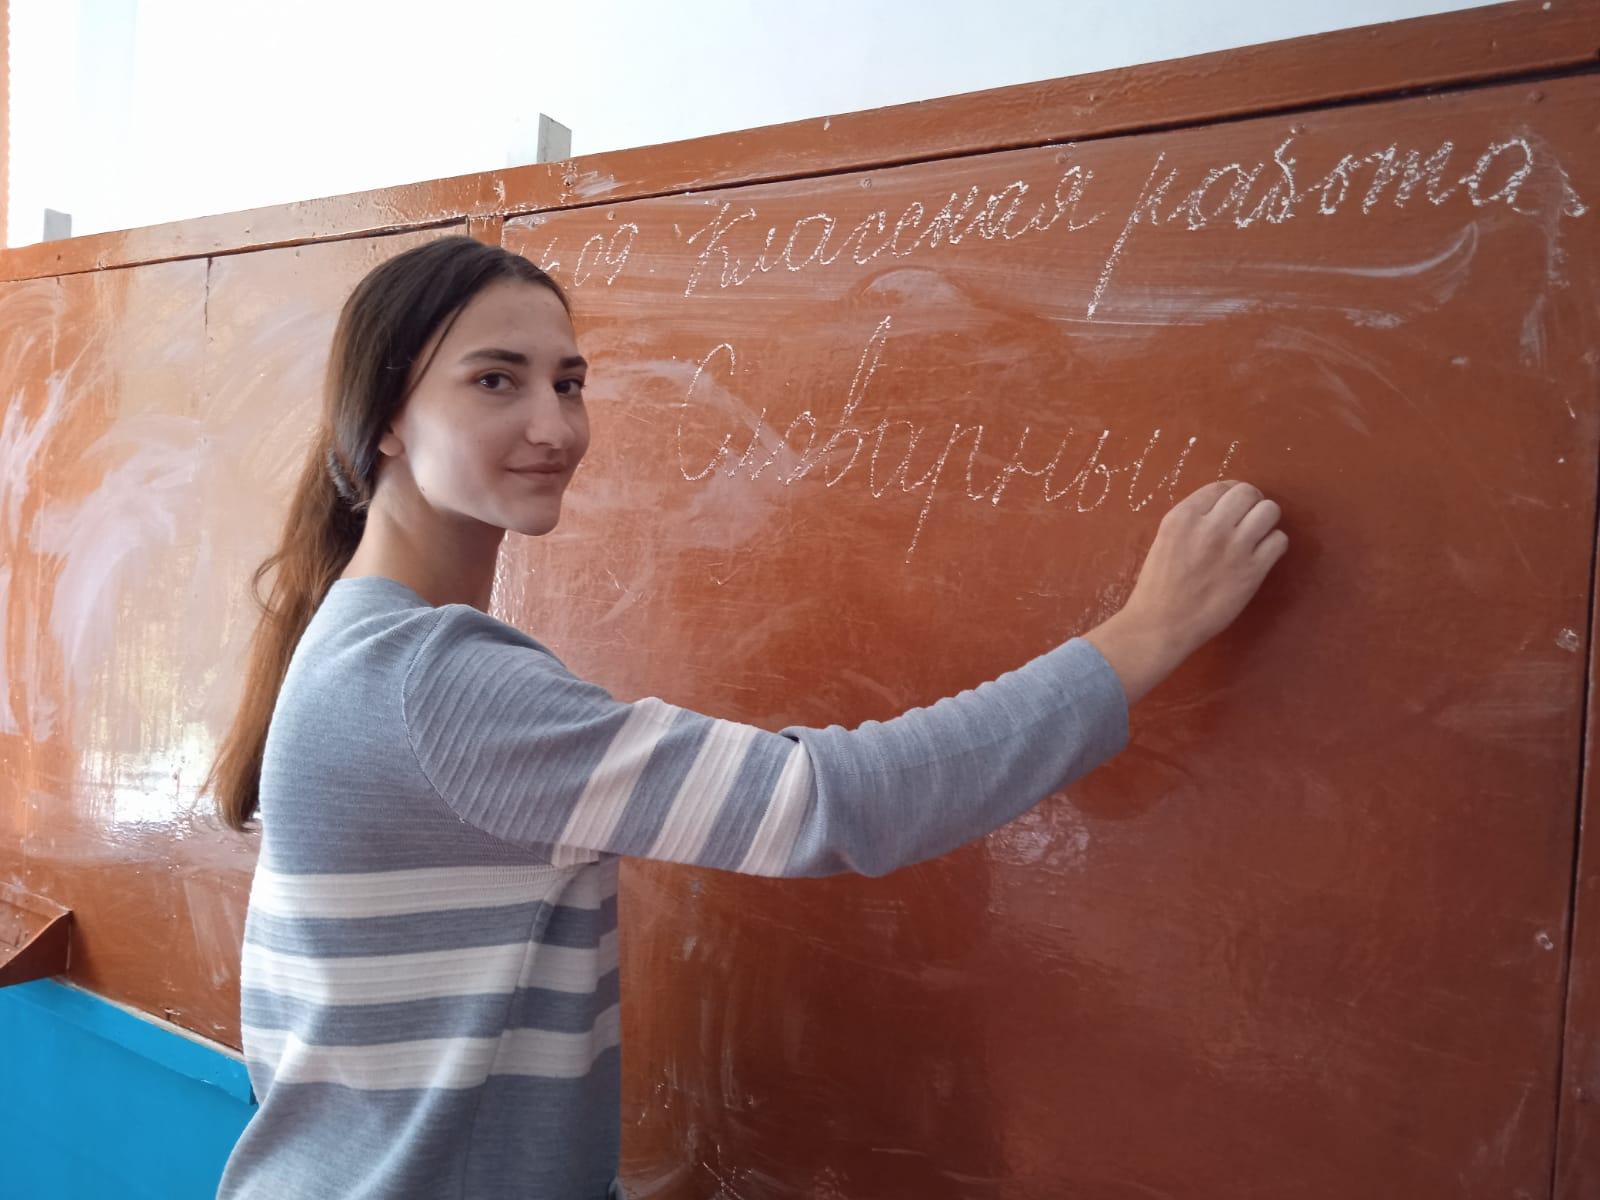 Инна Александровна Горборукова: в праздник желаю всем учителям хороших, понимающих учеников